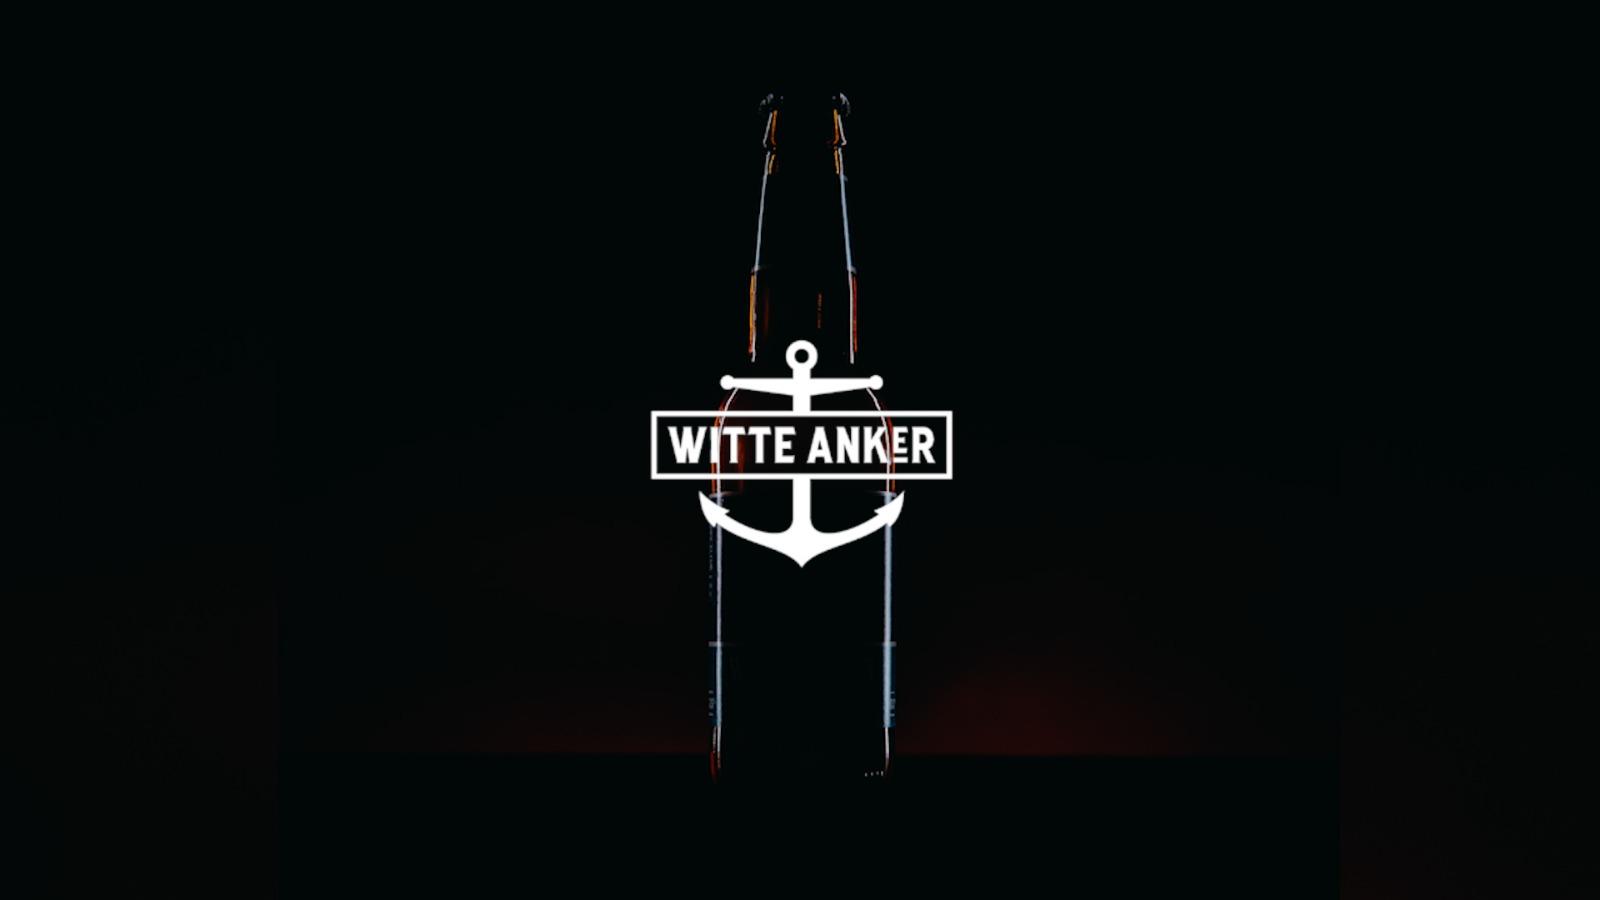 WITTE ANKER